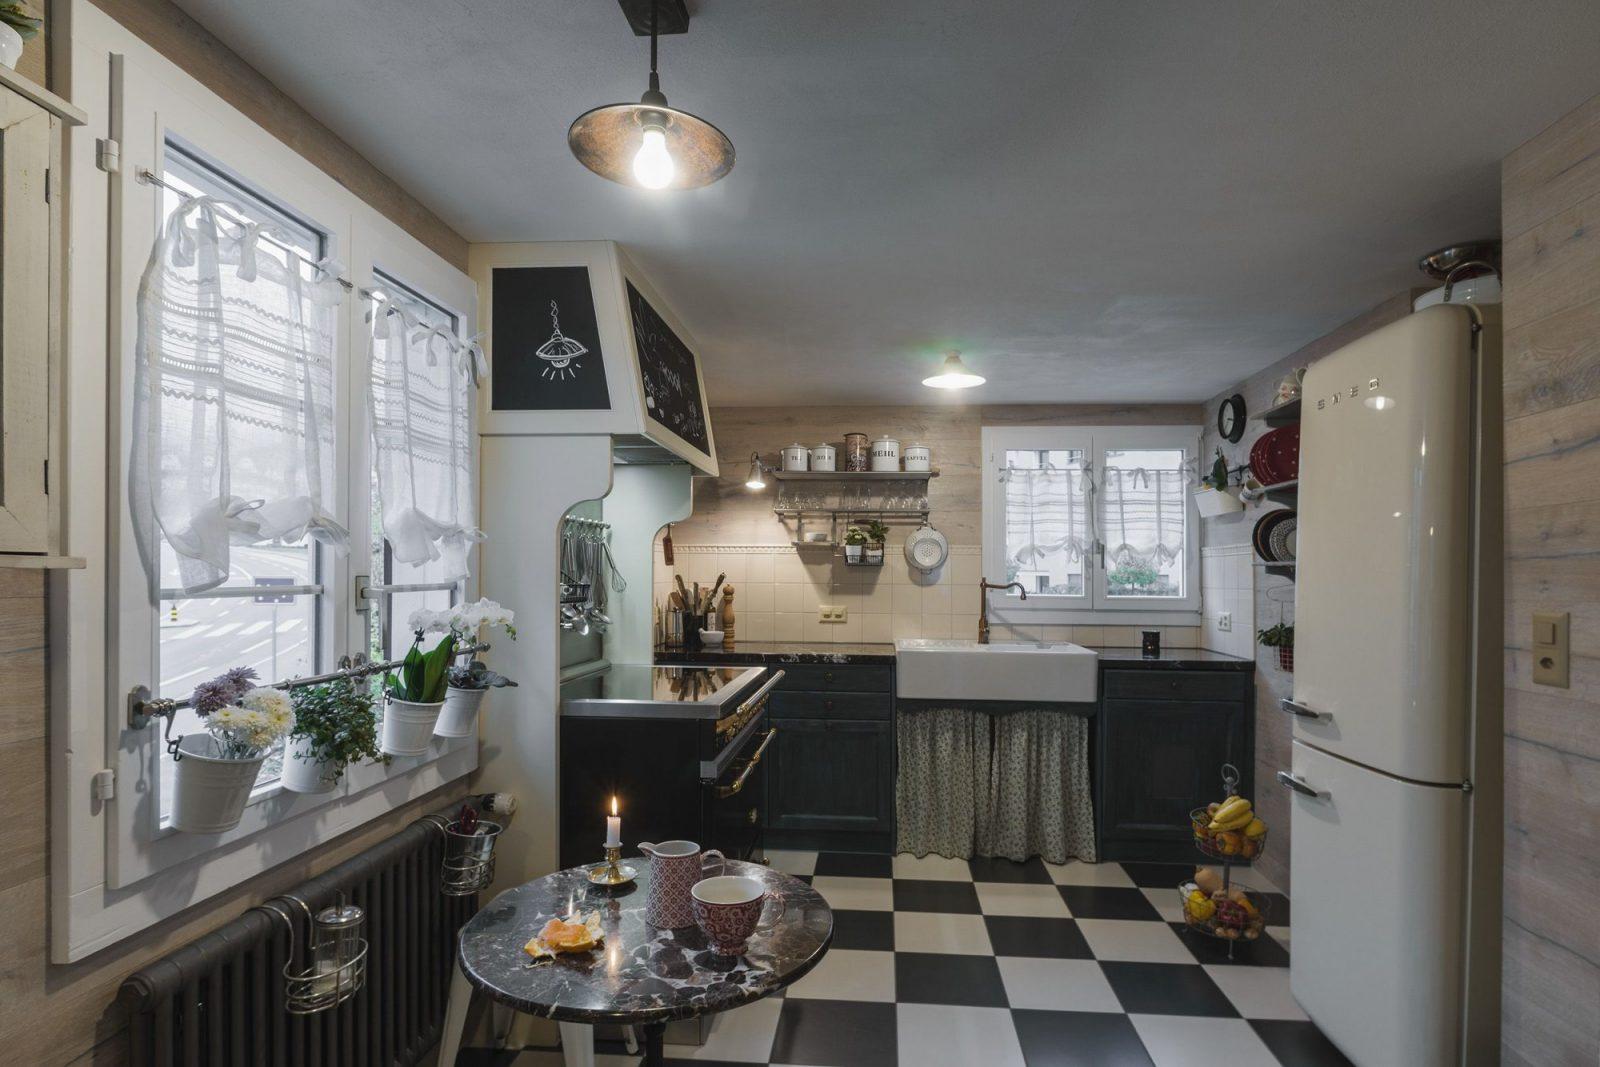 Koller Küche Front Vintage Stil Gestrichen Und Gestämmt von Küchen Im Vintage Stil Photo